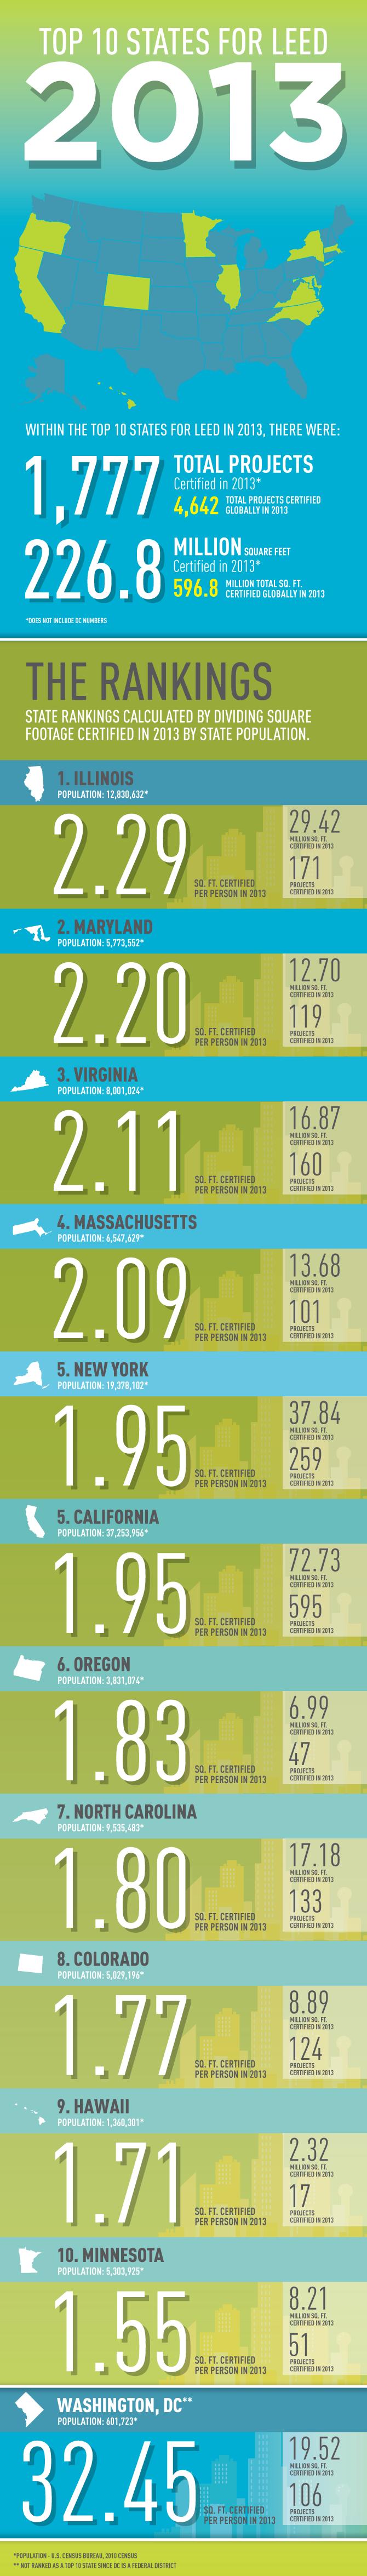 USGBC Top 10 LEED States 2013